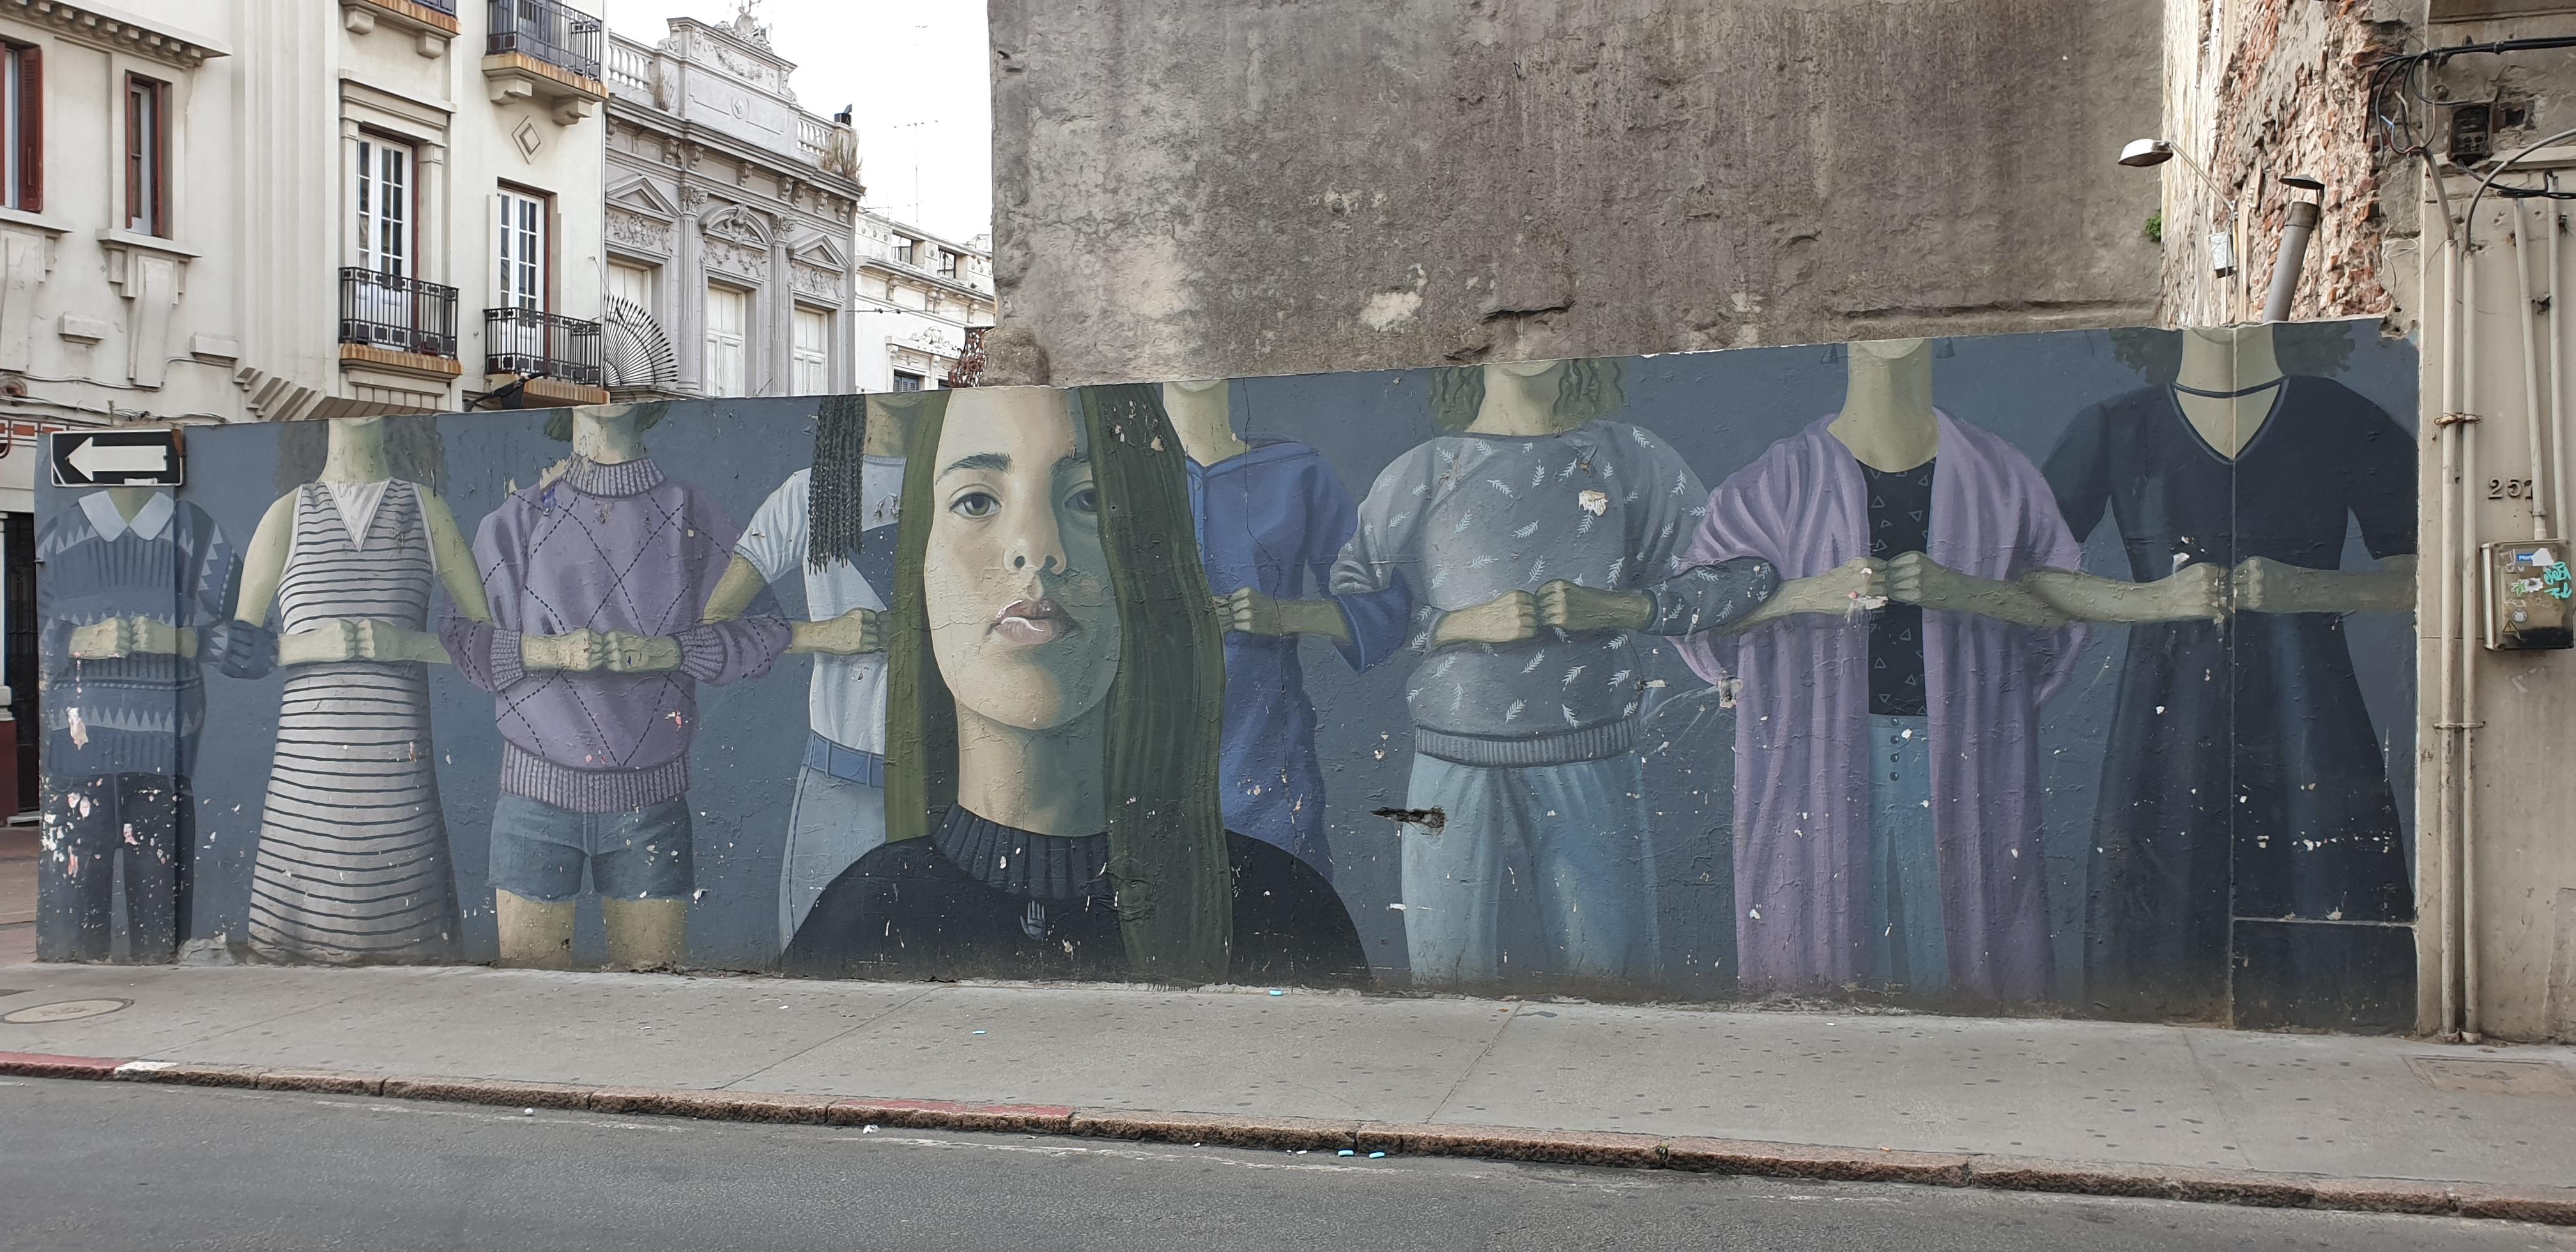 Mur réalisé par le collectif Licuado - Montevideo- Uruguay 2020 - -©nofakeinmynews.com